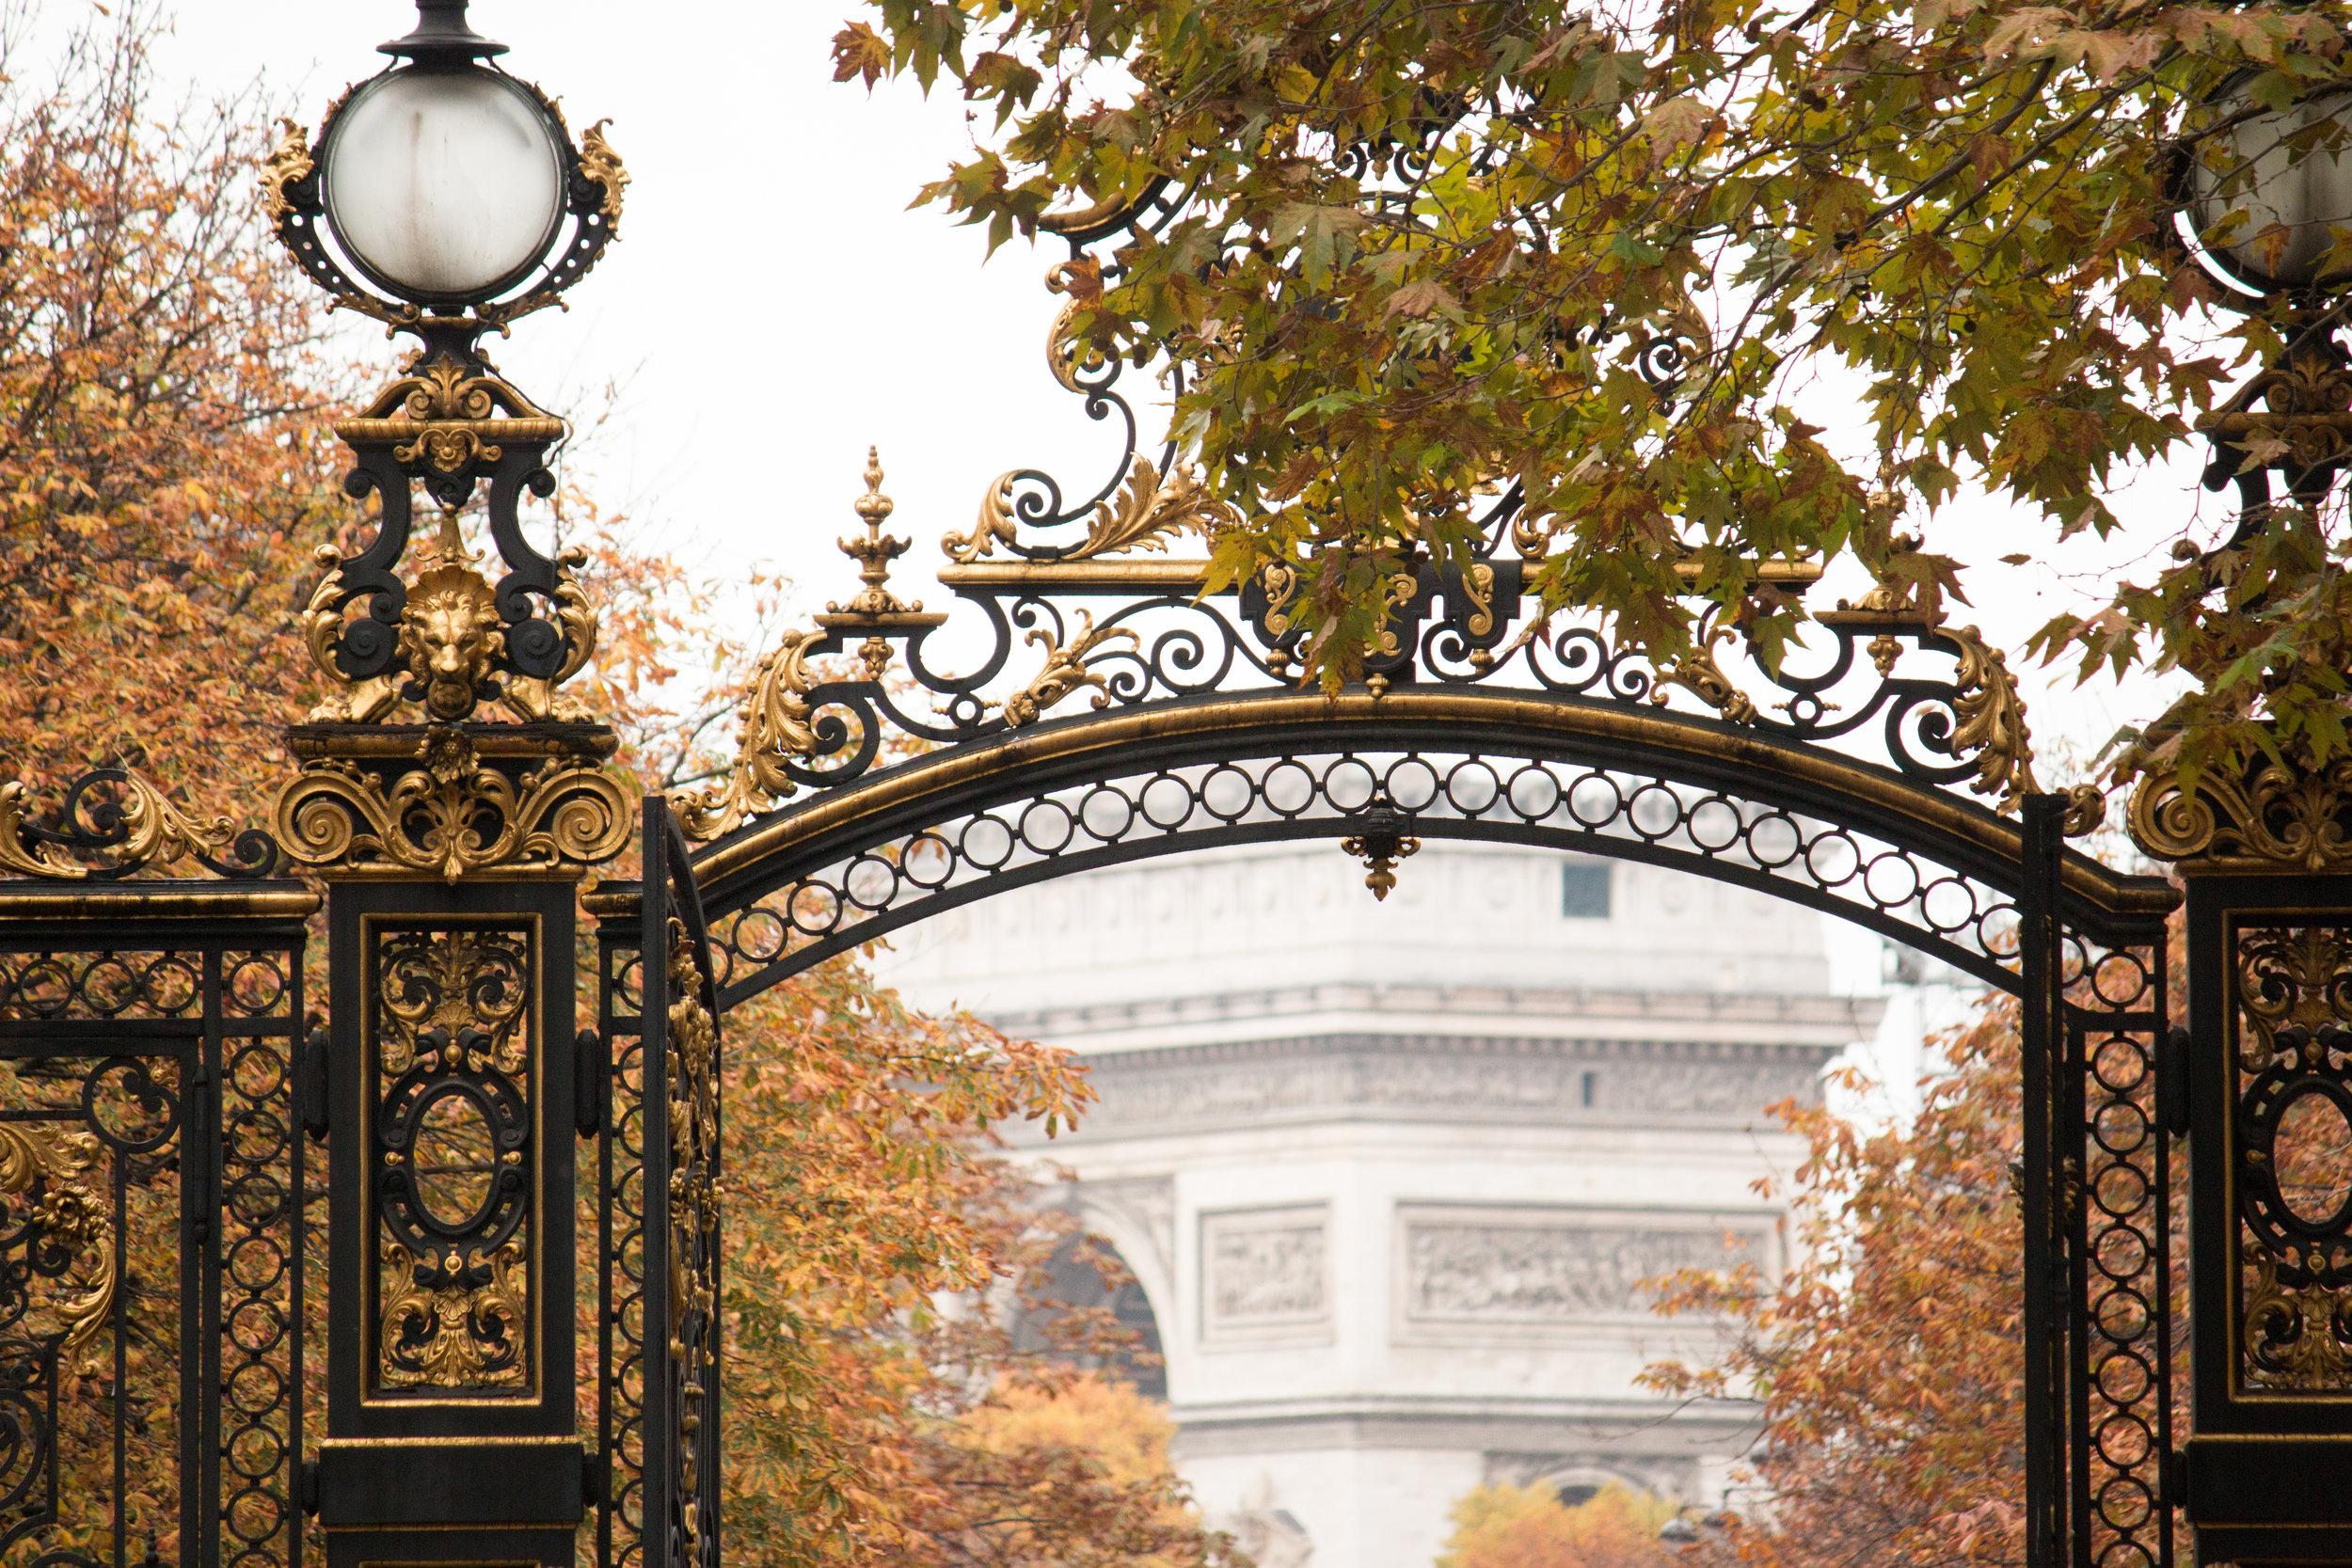 parc monceau paris france